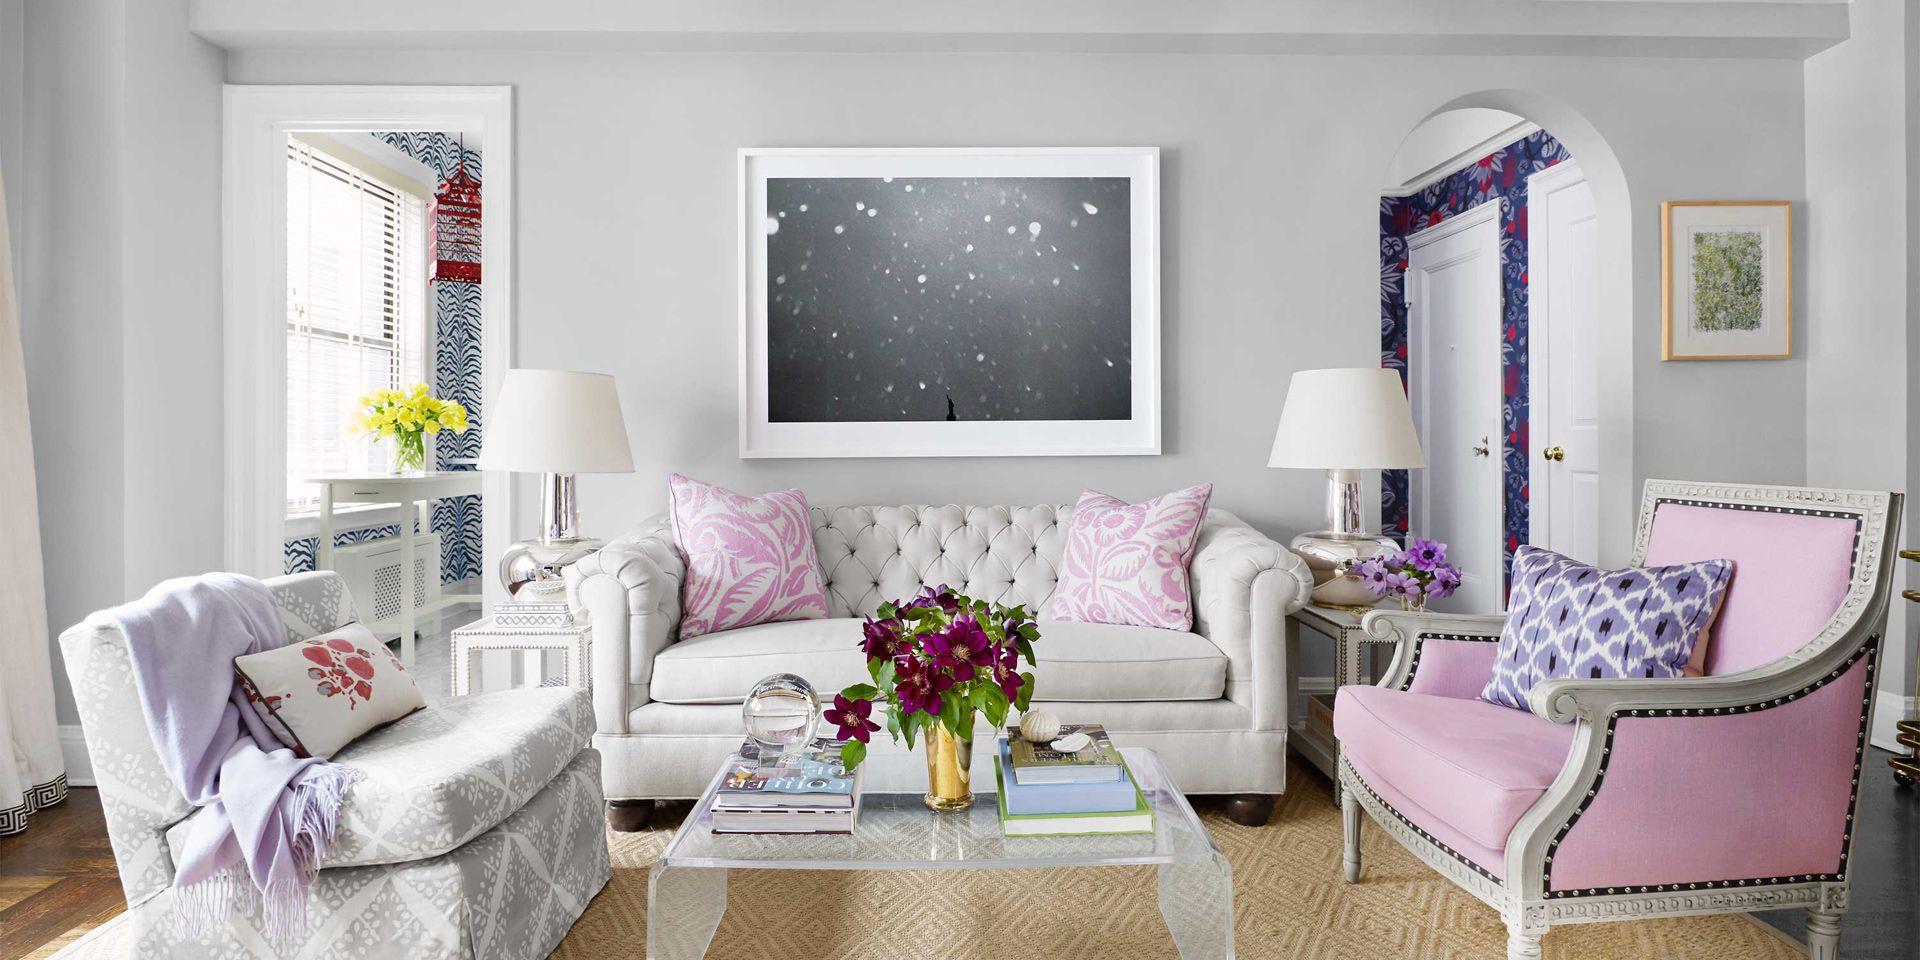 Classic Home Decor Ideas Living Room Decoration